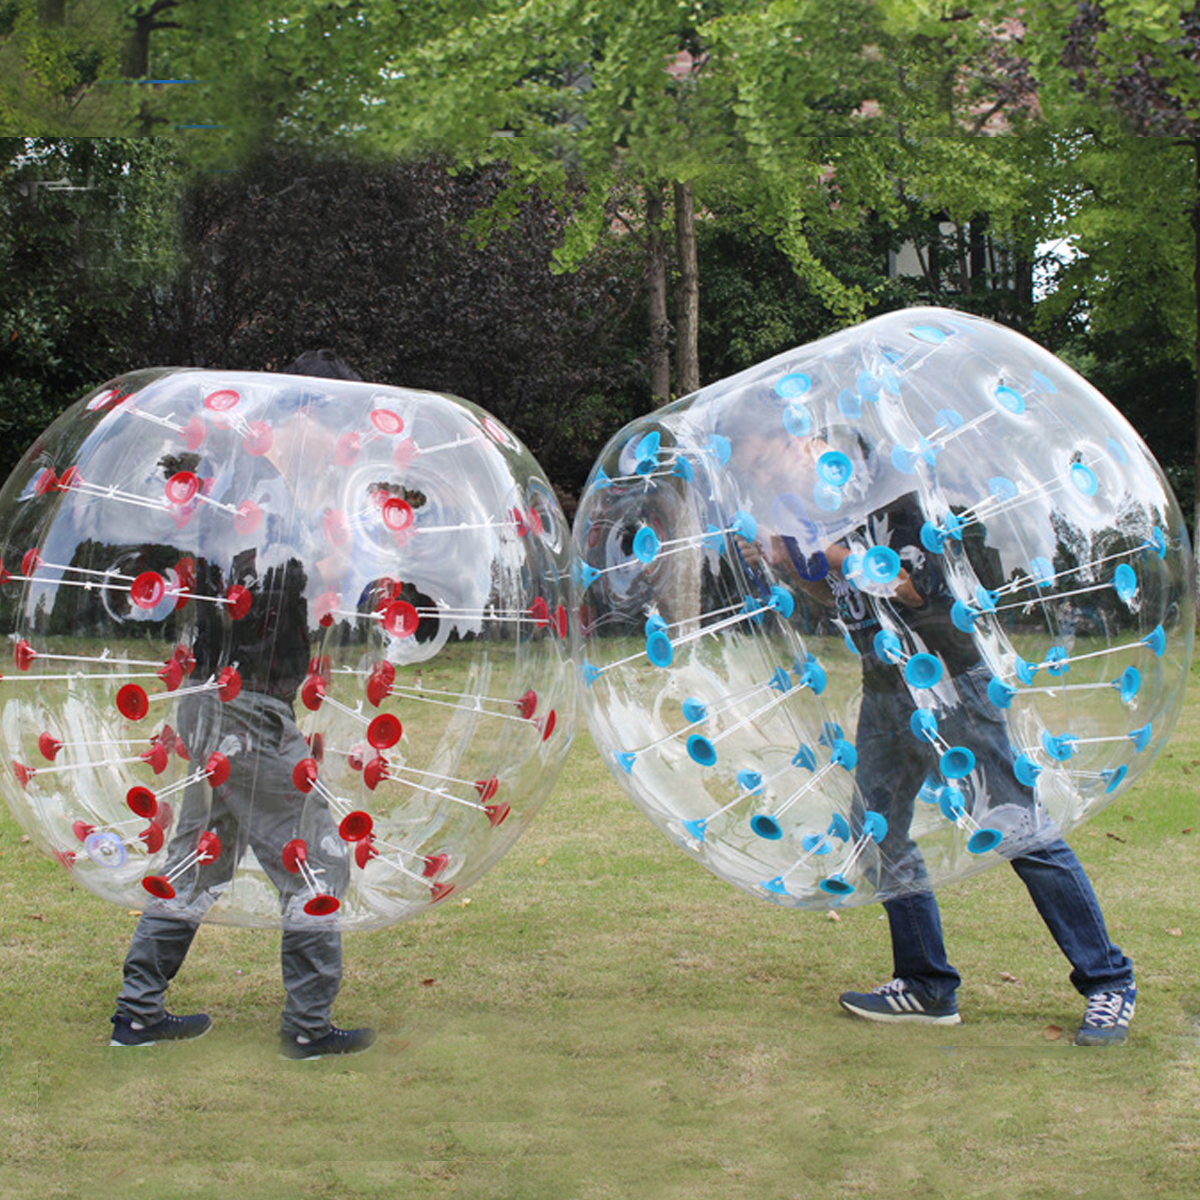 Ballon à bulles d'air extérieur 0.8mm PVC 100 cm Air pare-chocs ballon de football corps Zorb balle piscine jeu jouets de plein Air